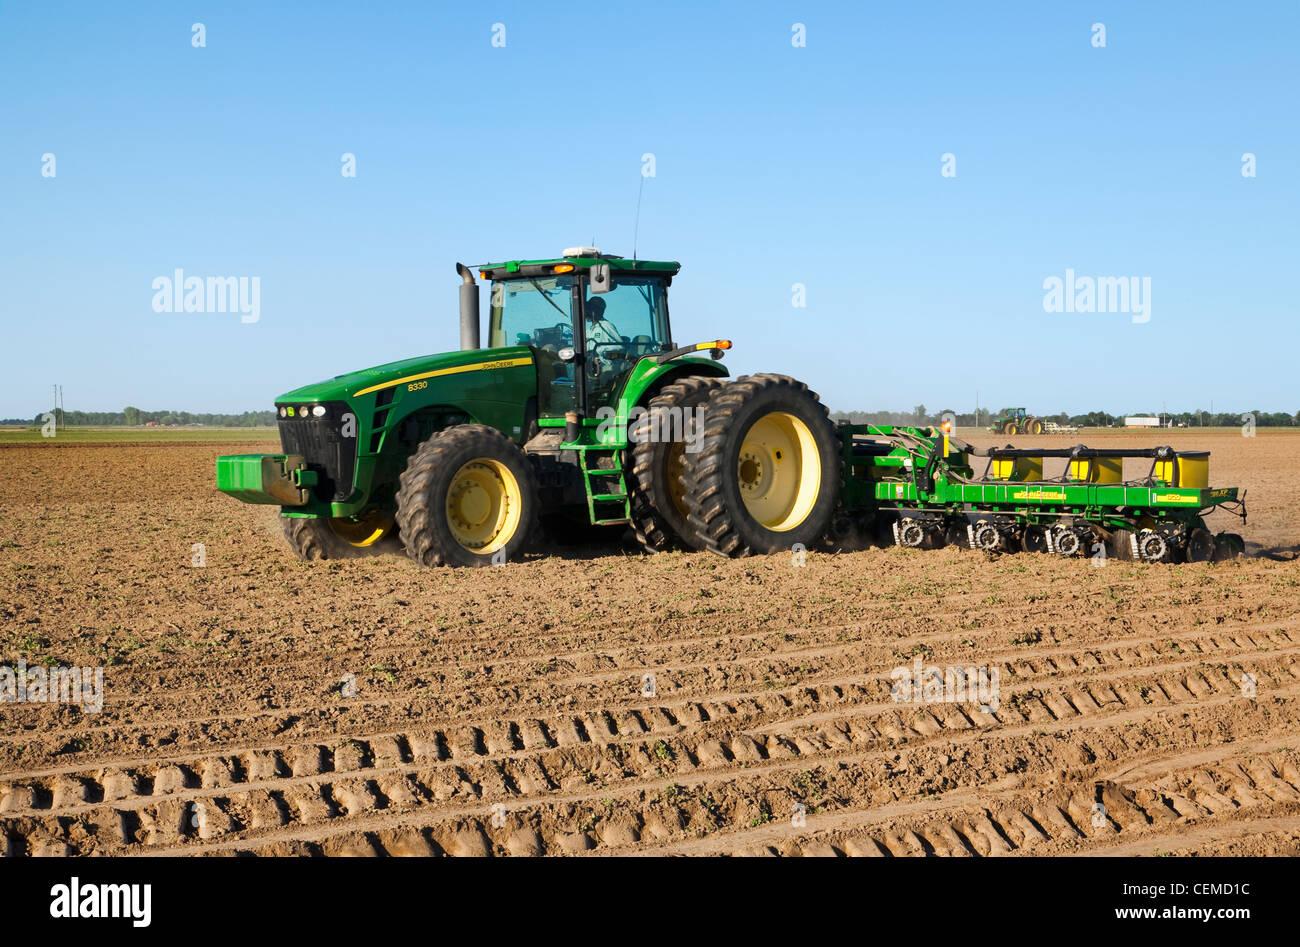 landwirtschaft ein john deere traktor und 12 reihig. Black Bedroom Furniture Sets. Home Design Ideas